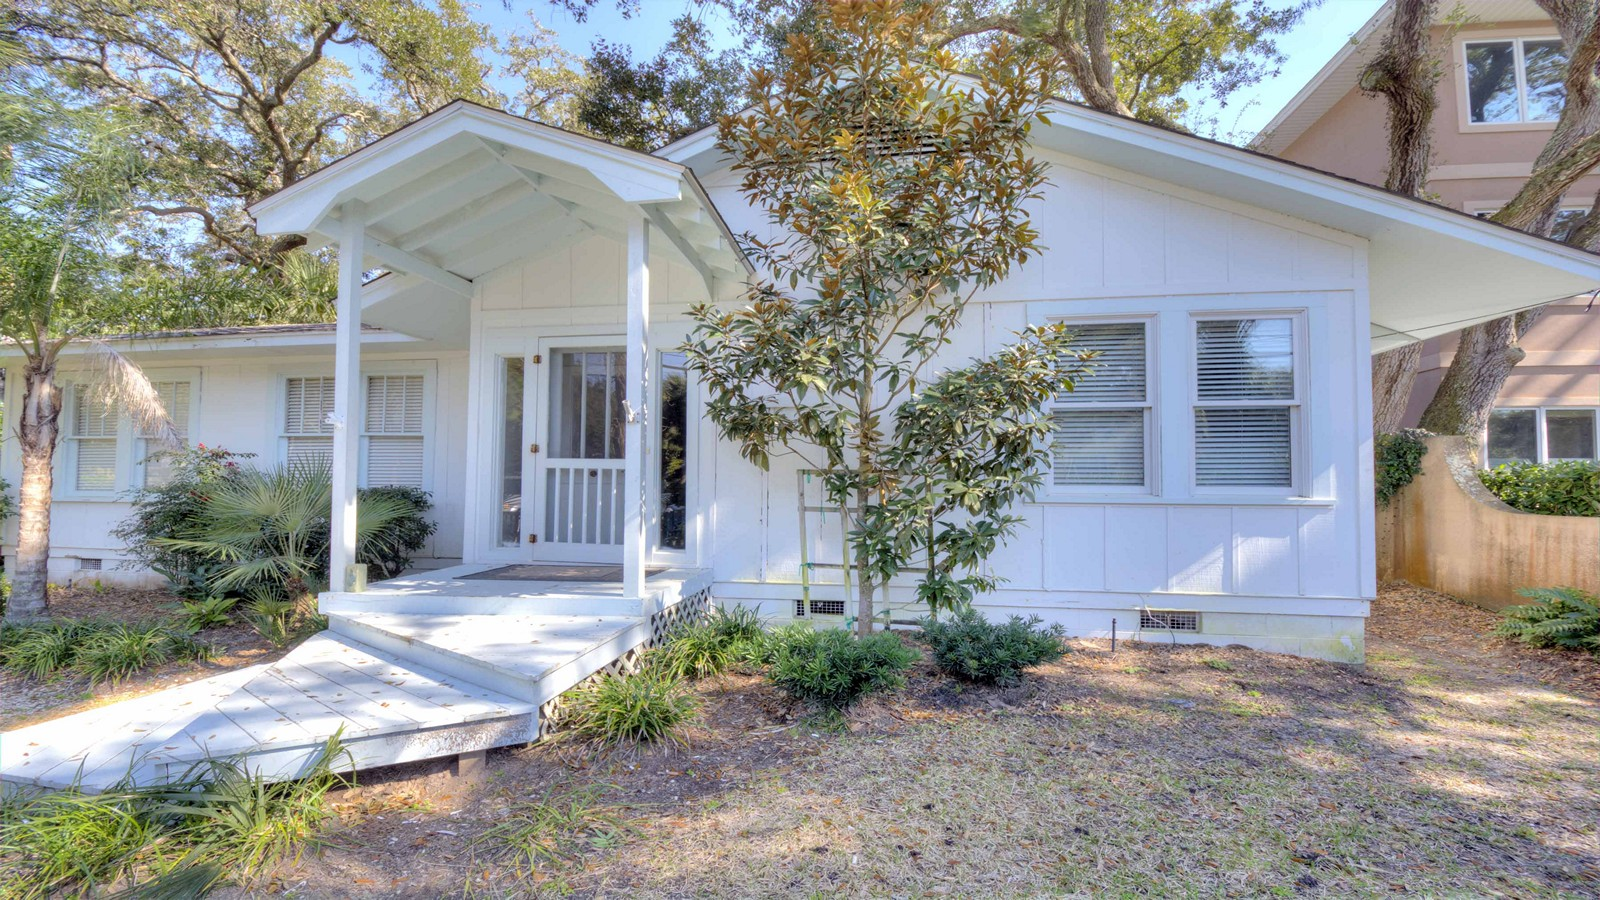 Tek Ailelik Ev için Satış at 1706 Bruce Drive St. Simons Island, Georgia, 31522 Amerika Birleşik Devletleri